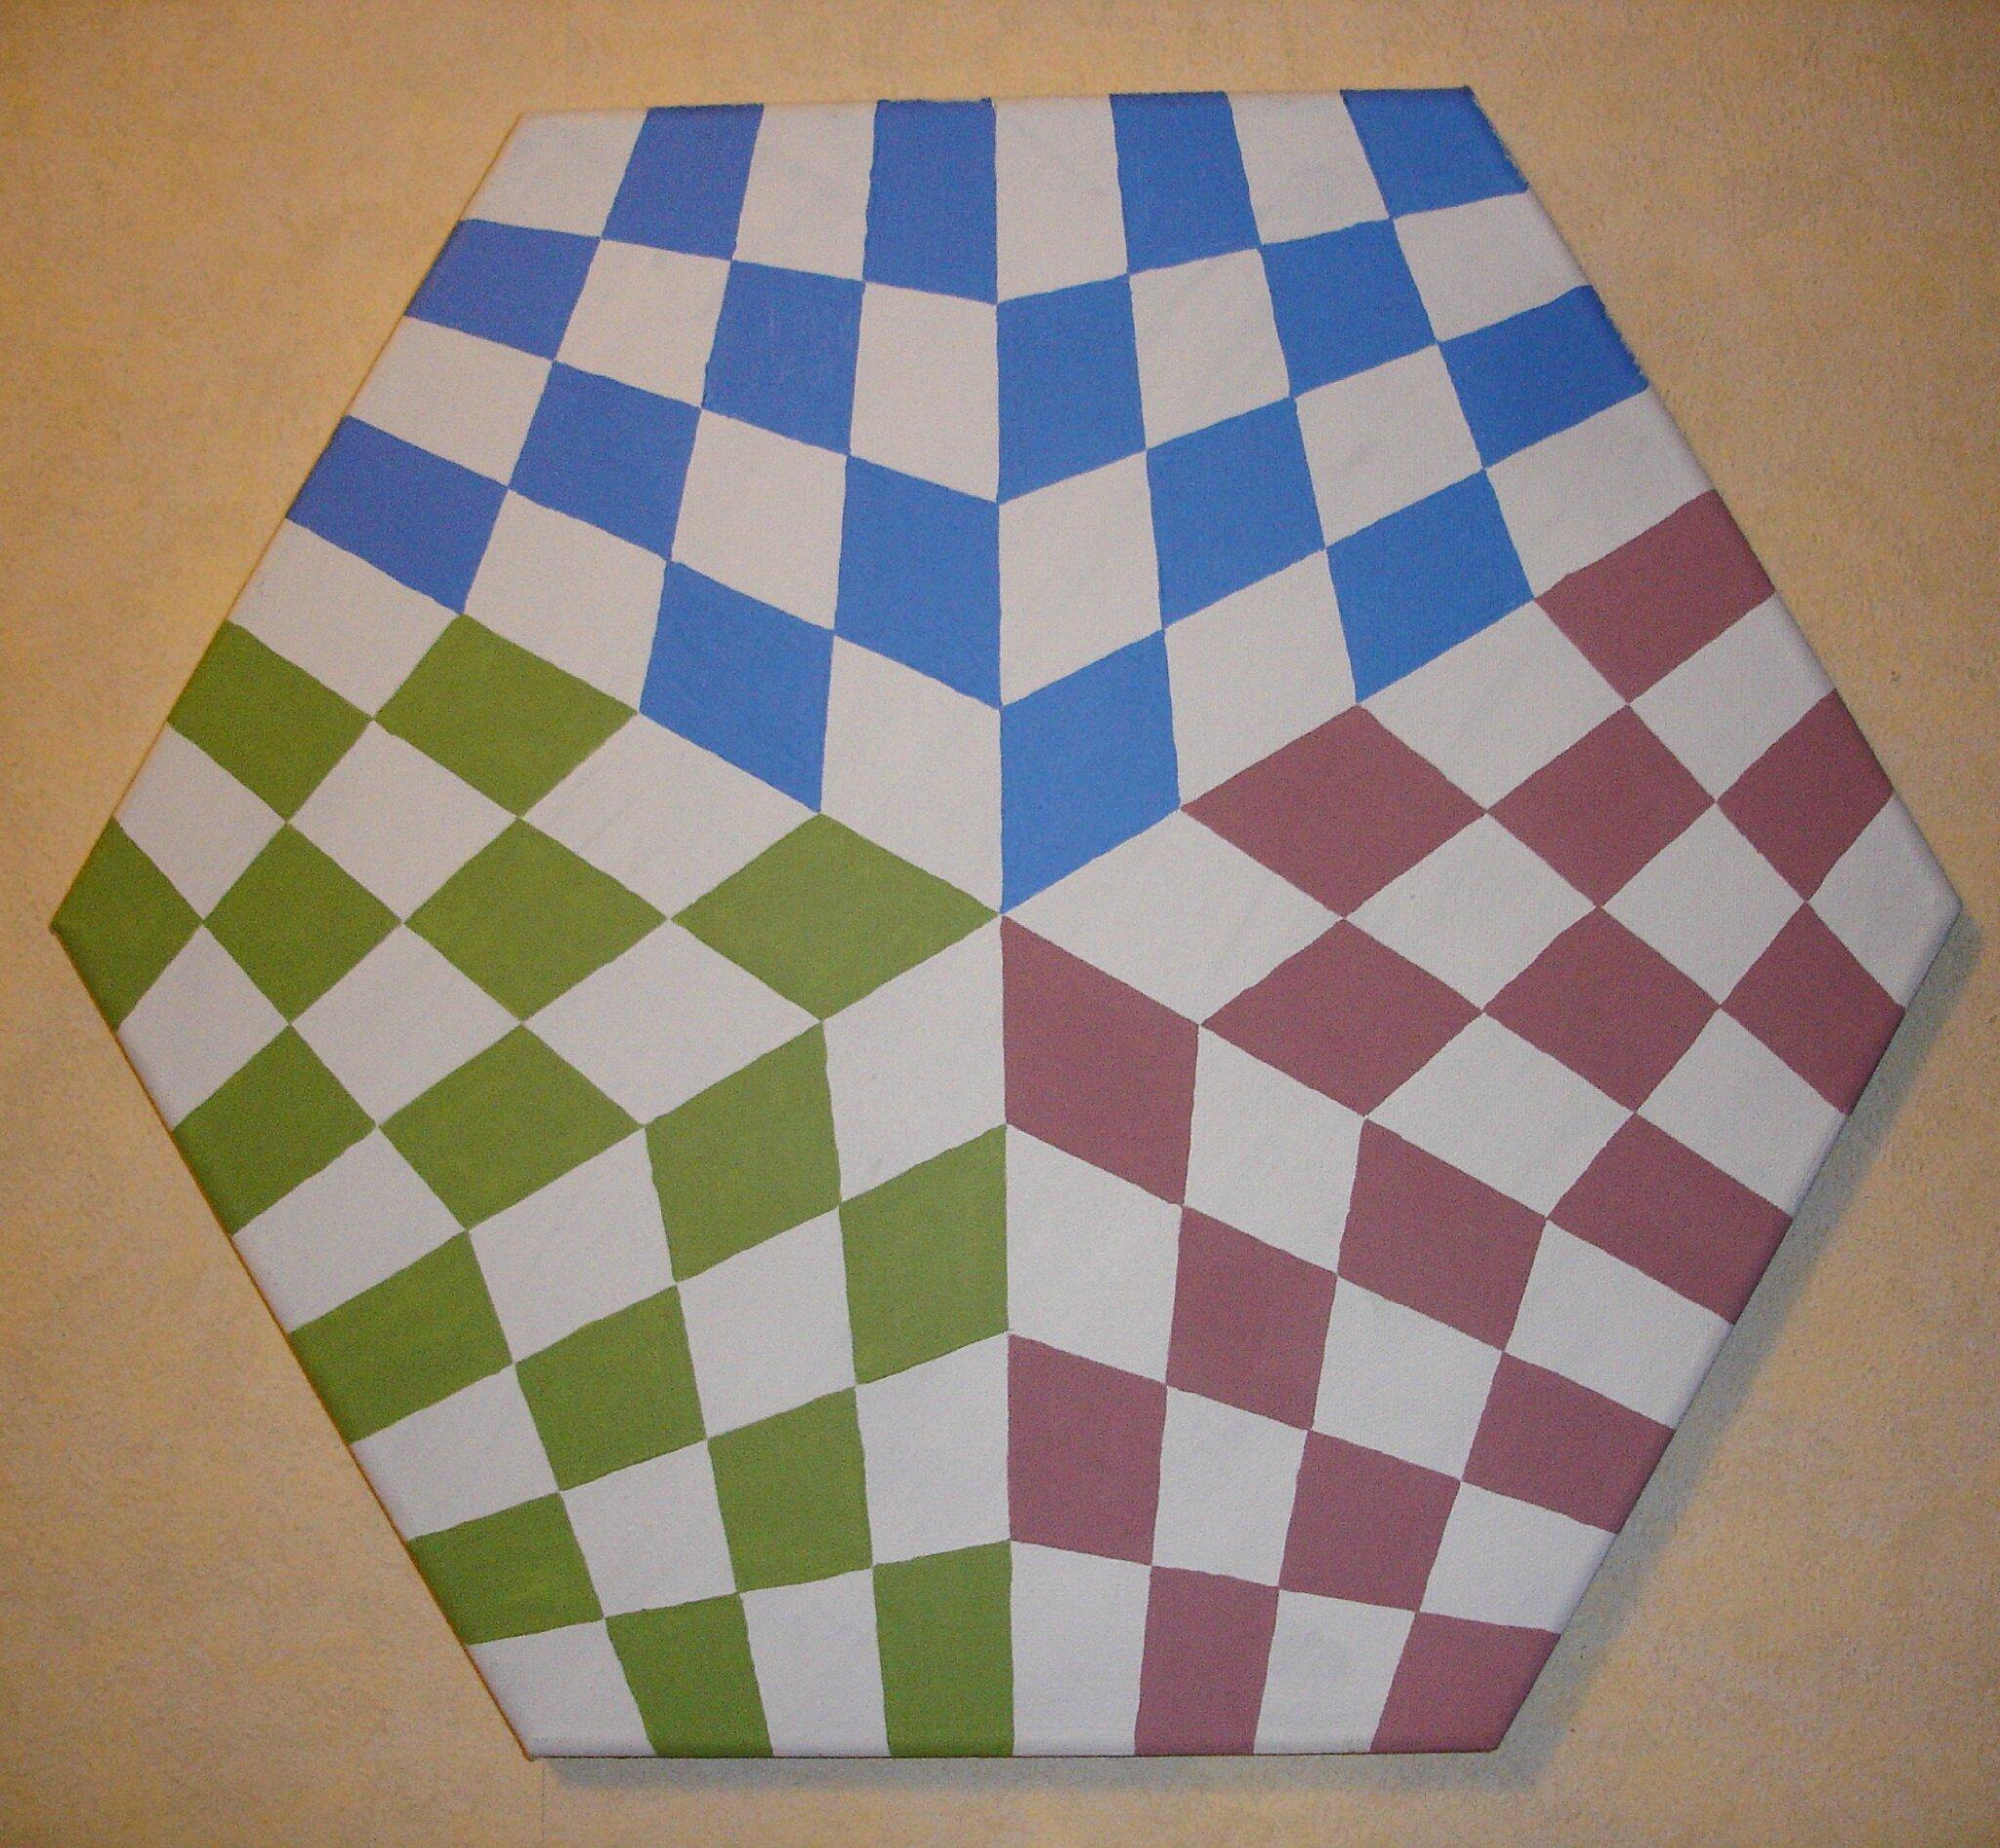 Bức tranh này lấy mẫu từ hình vẽ bàn cờ 3 người chơi.